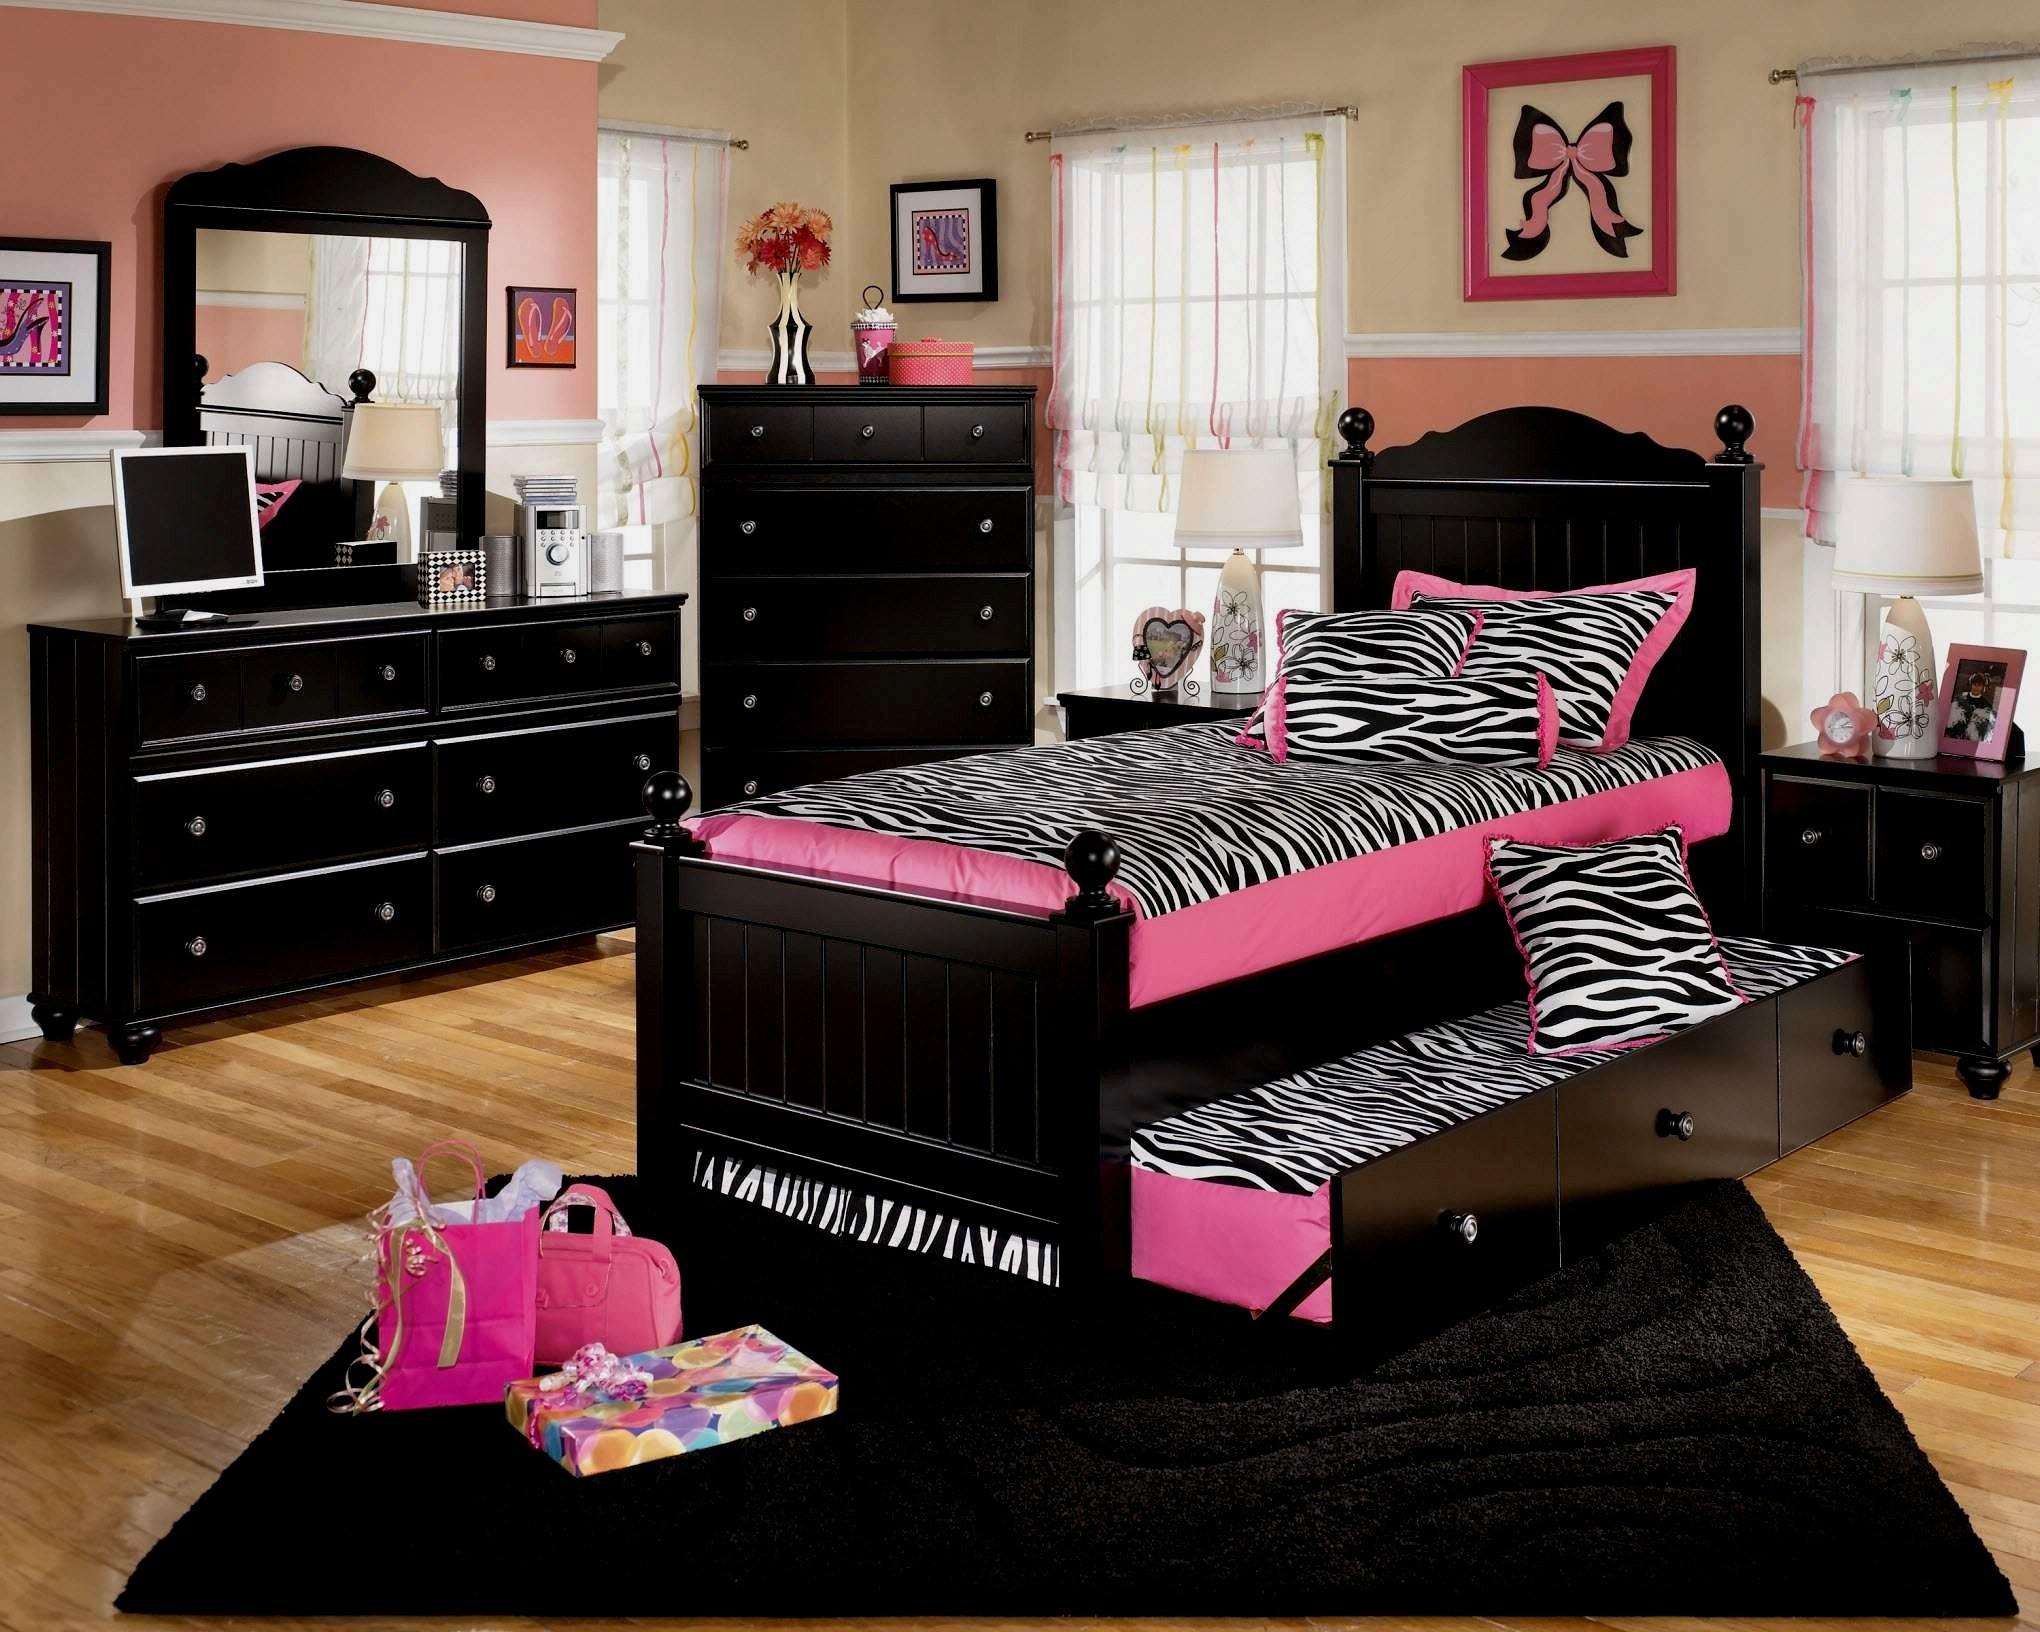 Coole Ausmalbilder Fur Teenager Genial Coole Betten Für Teenager Das Bild